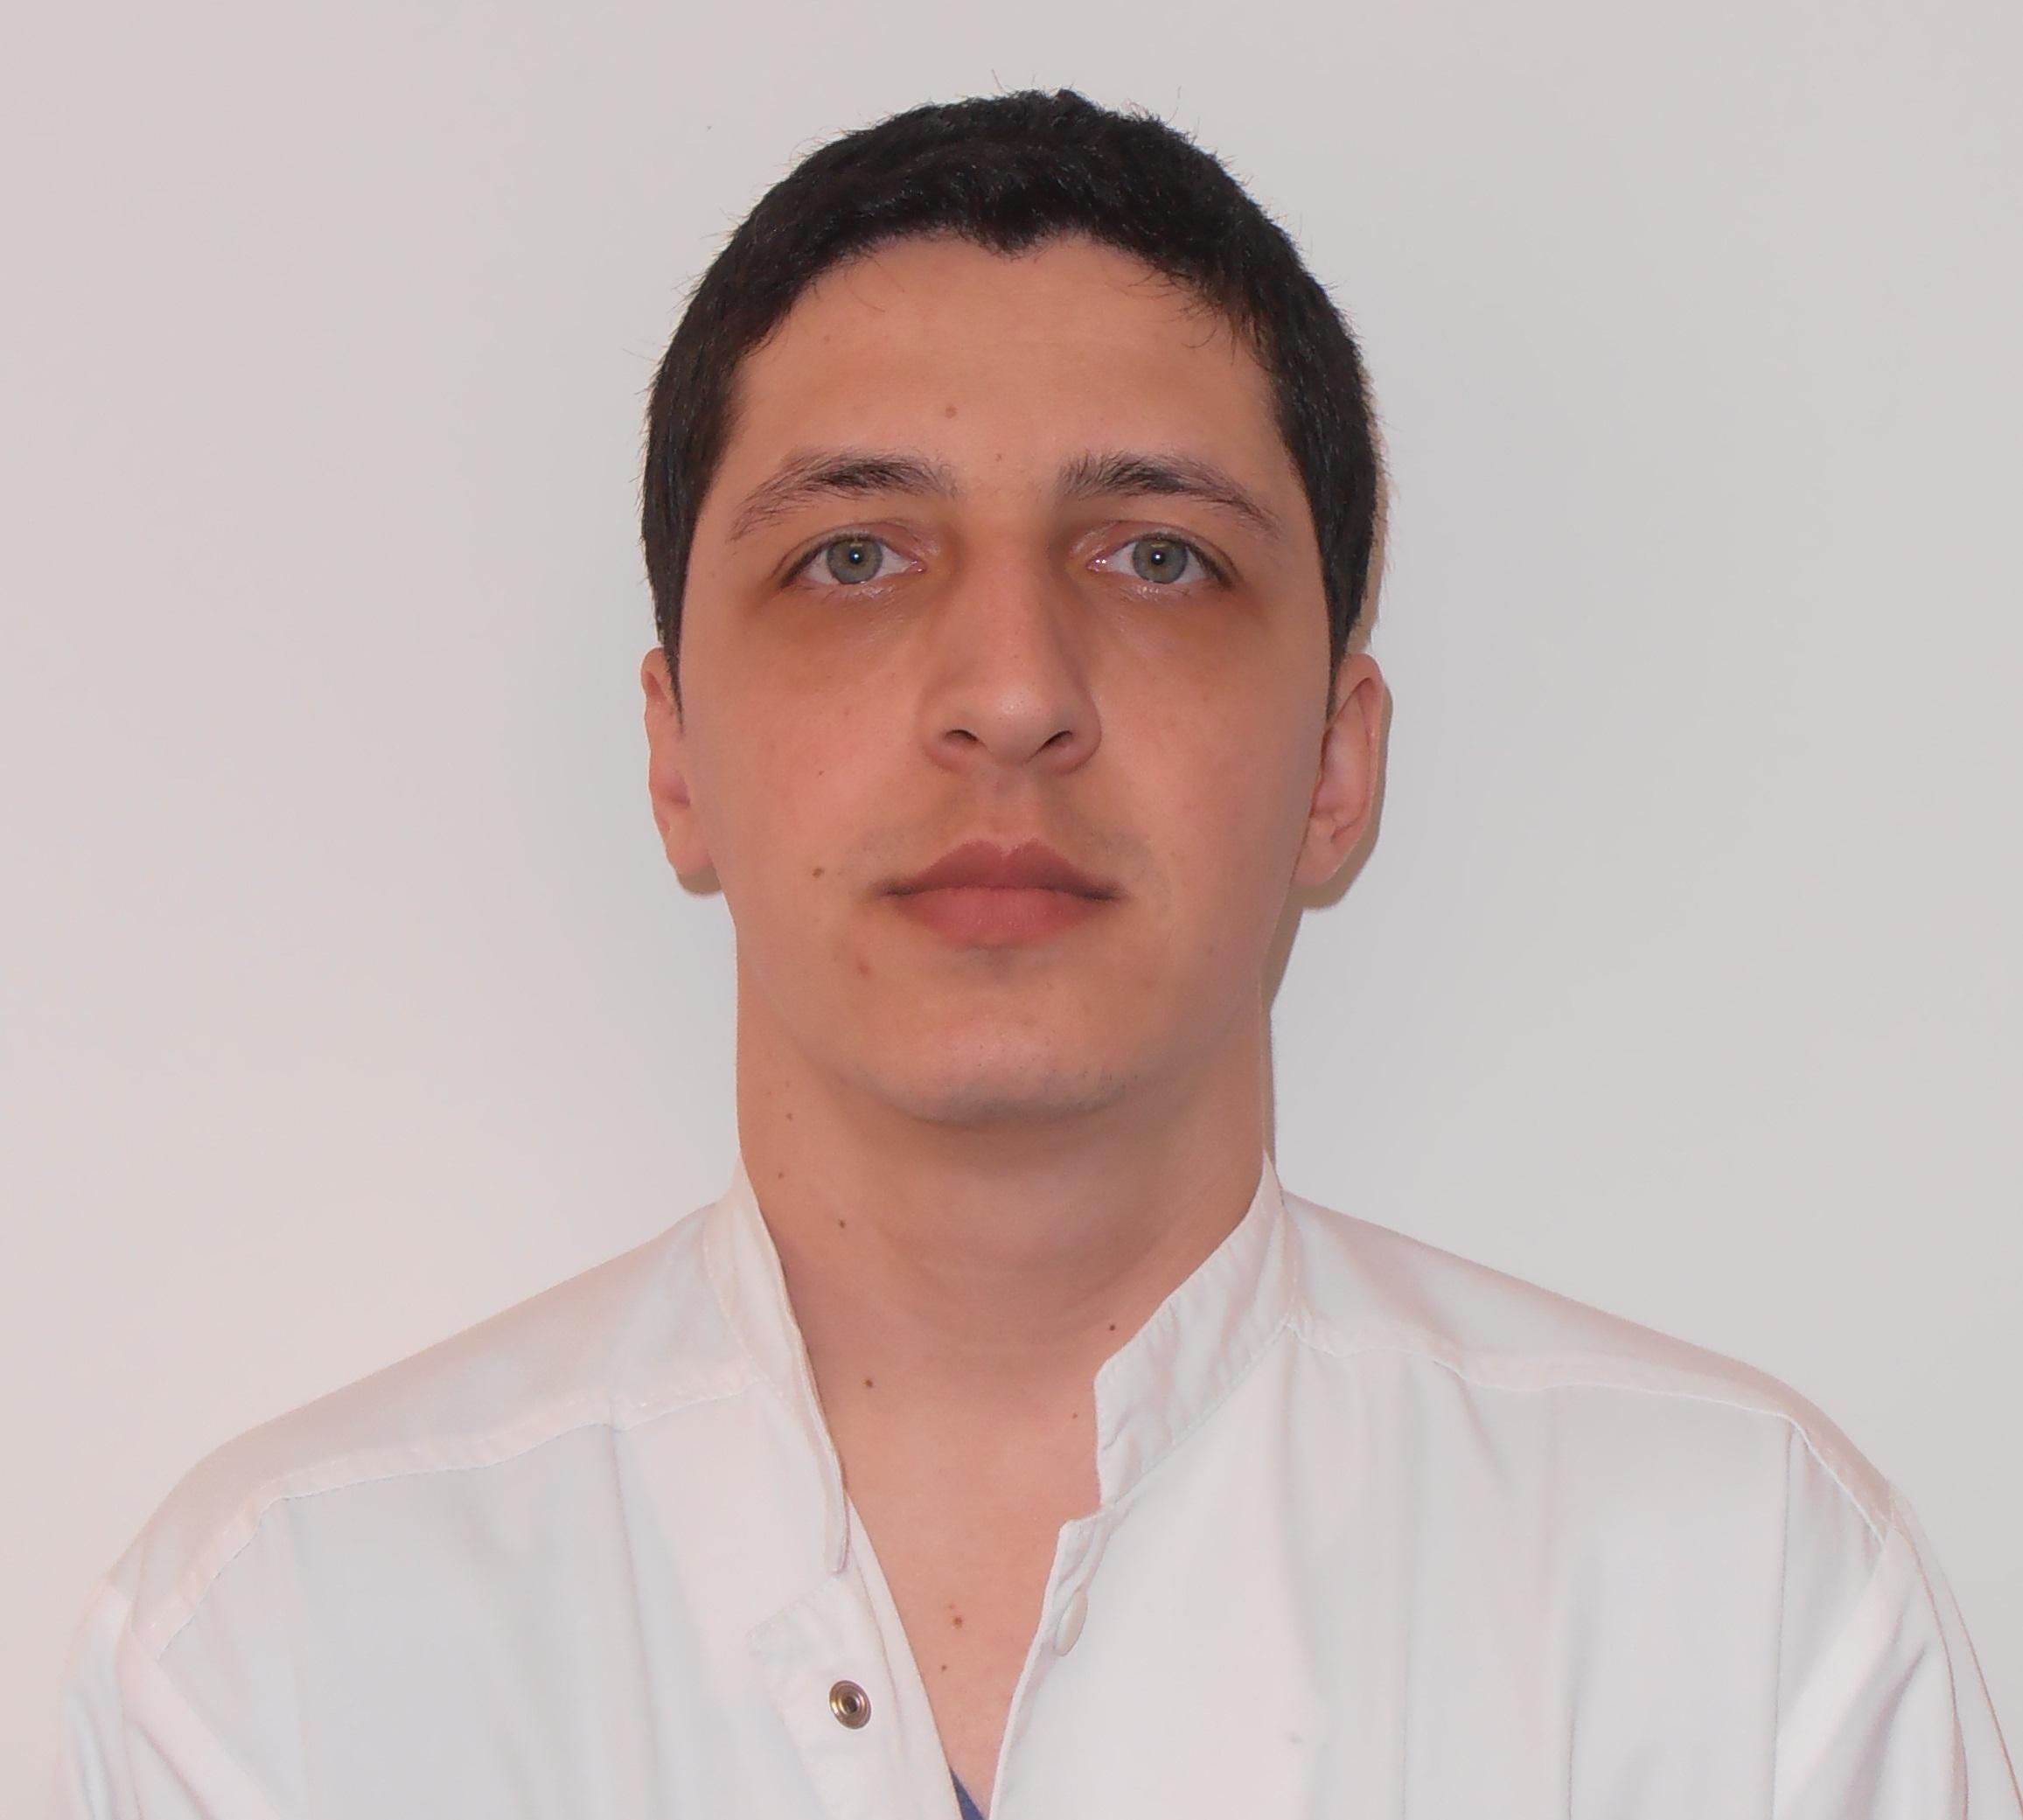 Dr. Nicolae Boleac